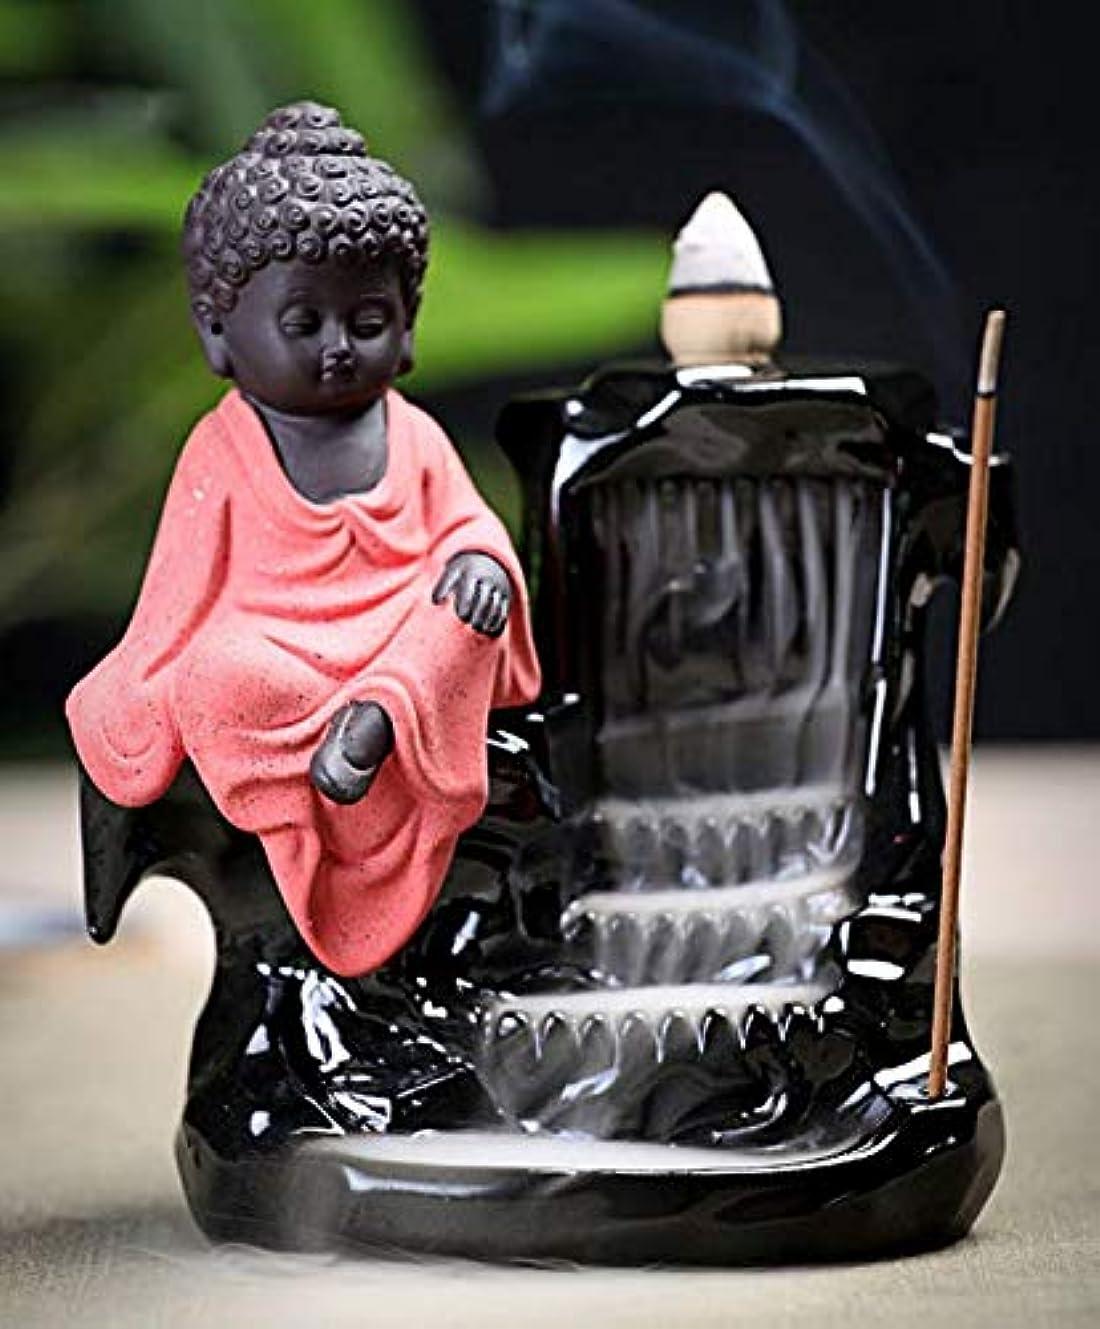 ピアノバイアス混乱したLightingsky 逆流お香ホルダー お香タワーバーナー セラミック磁器仏陀モンクタワーコーンスティックホルダー ピンク